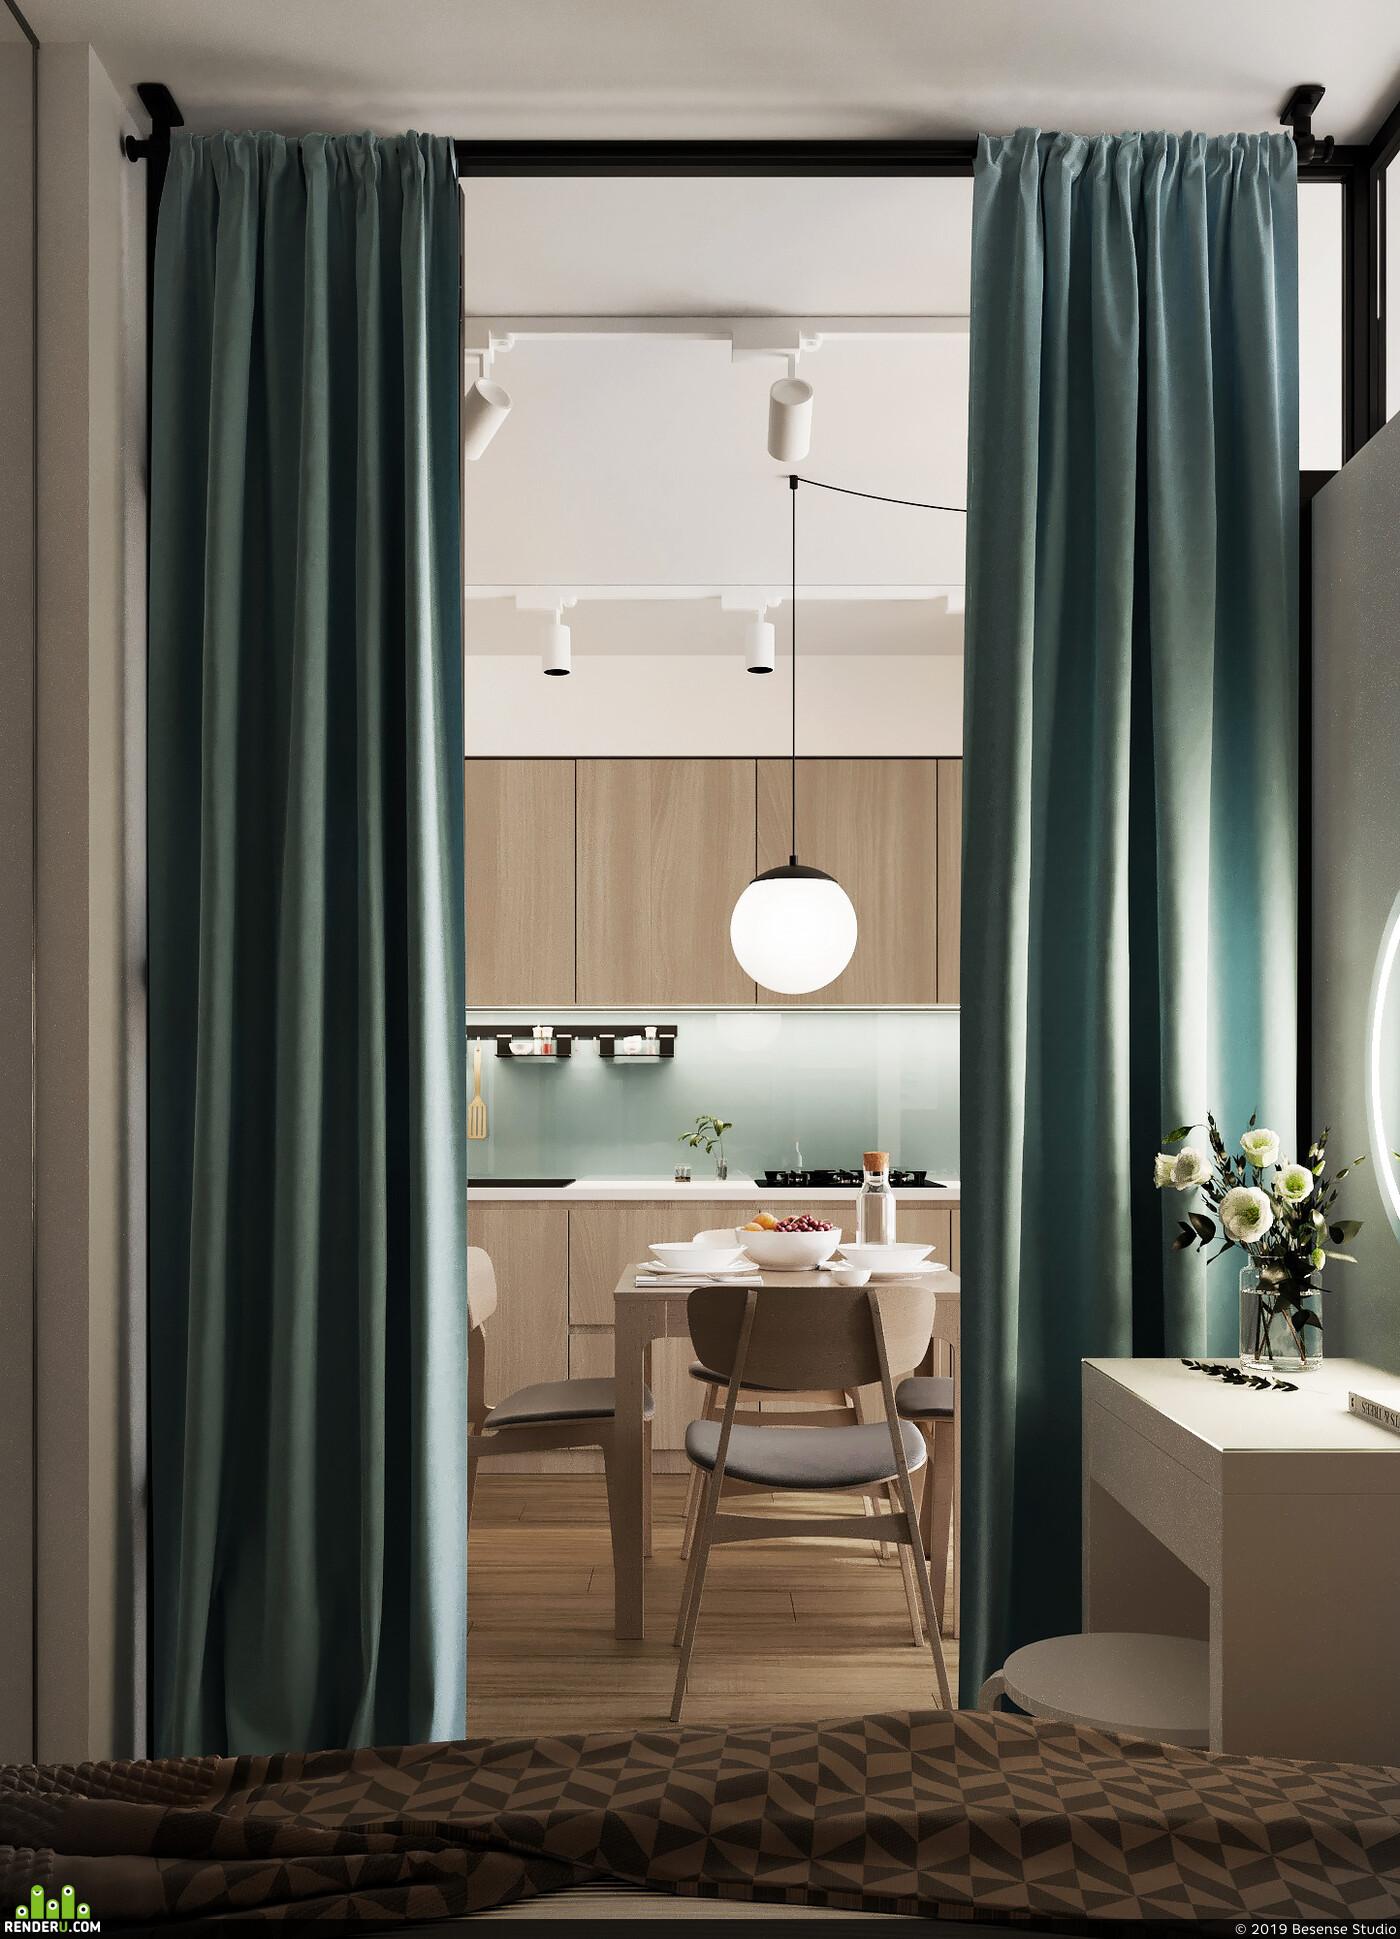 малогабаритная квартира, мини-квартира, Квартира, однокомнатная квартира, перепланировка, дизайн интерьера, дизайн интерьера спальни, дизайн интерьера 3д визуализация, Спальня, гостиная